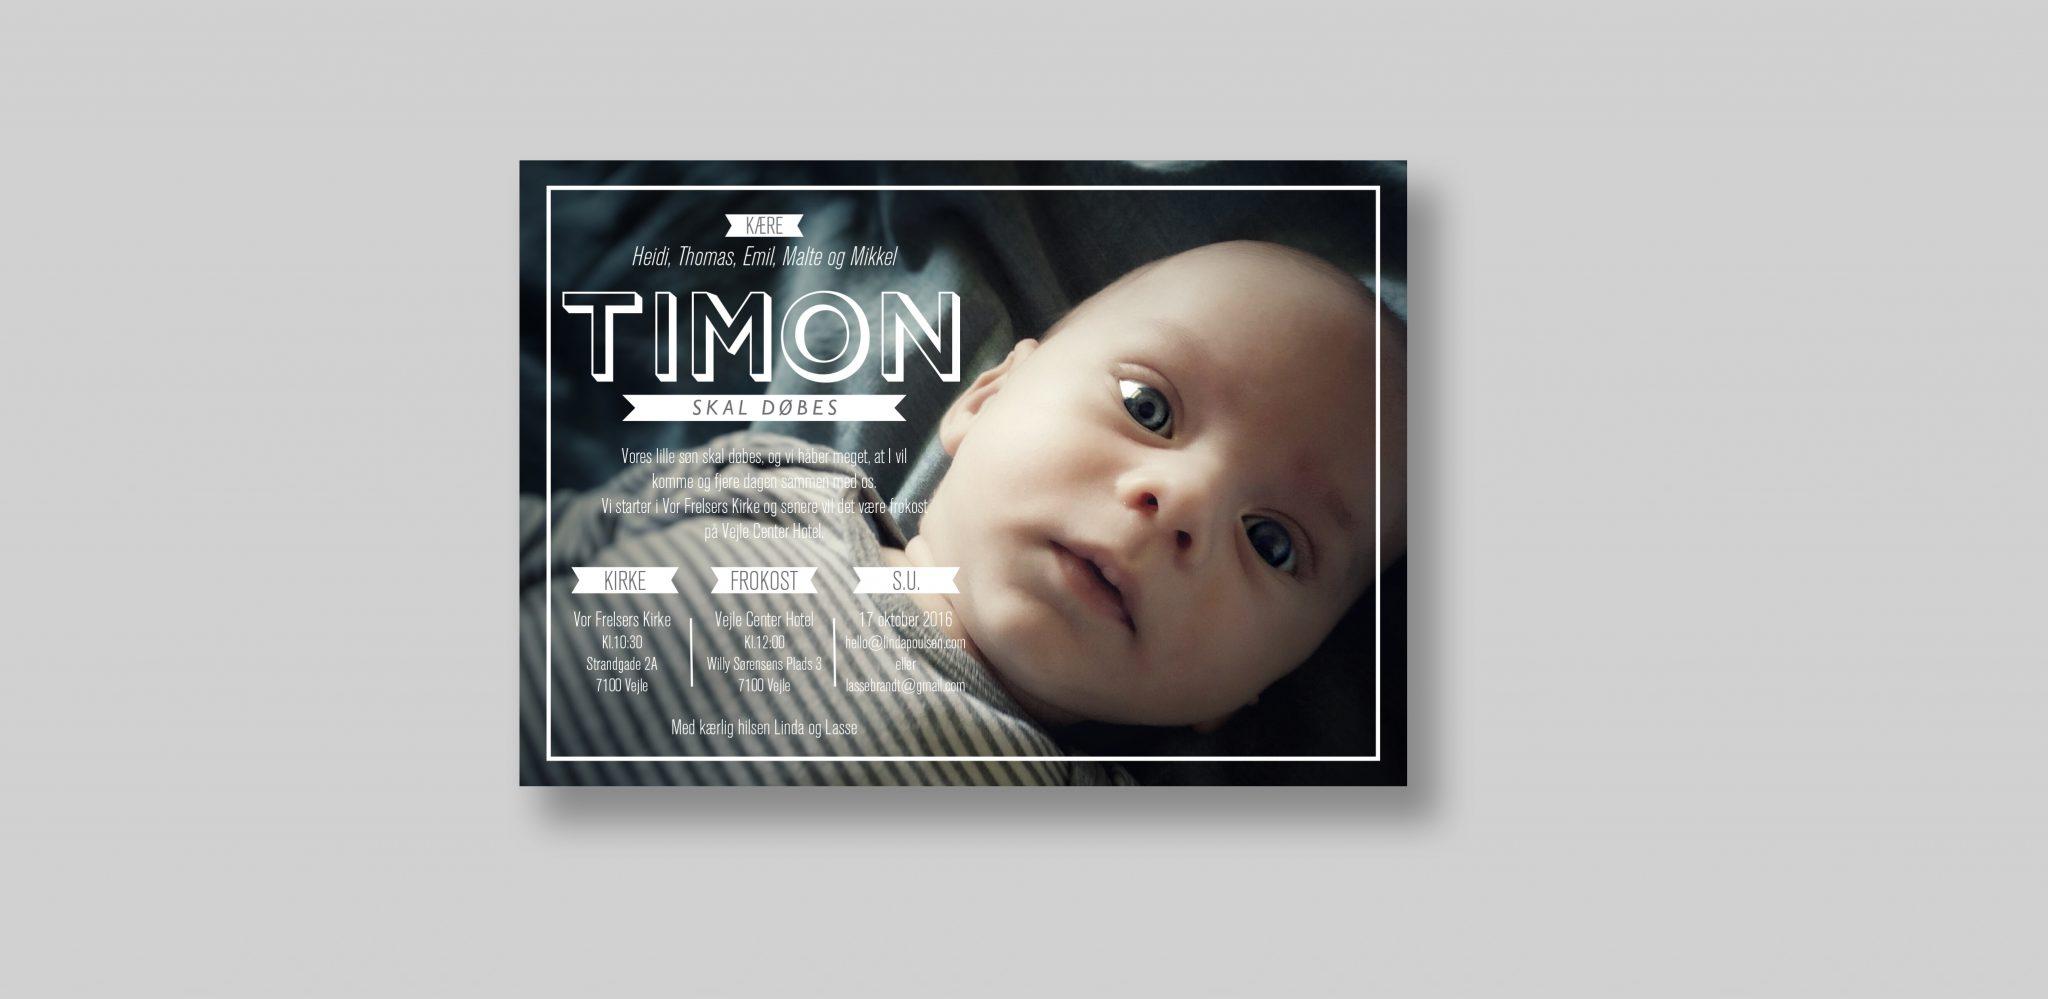 Timon-dab-invite.jpg